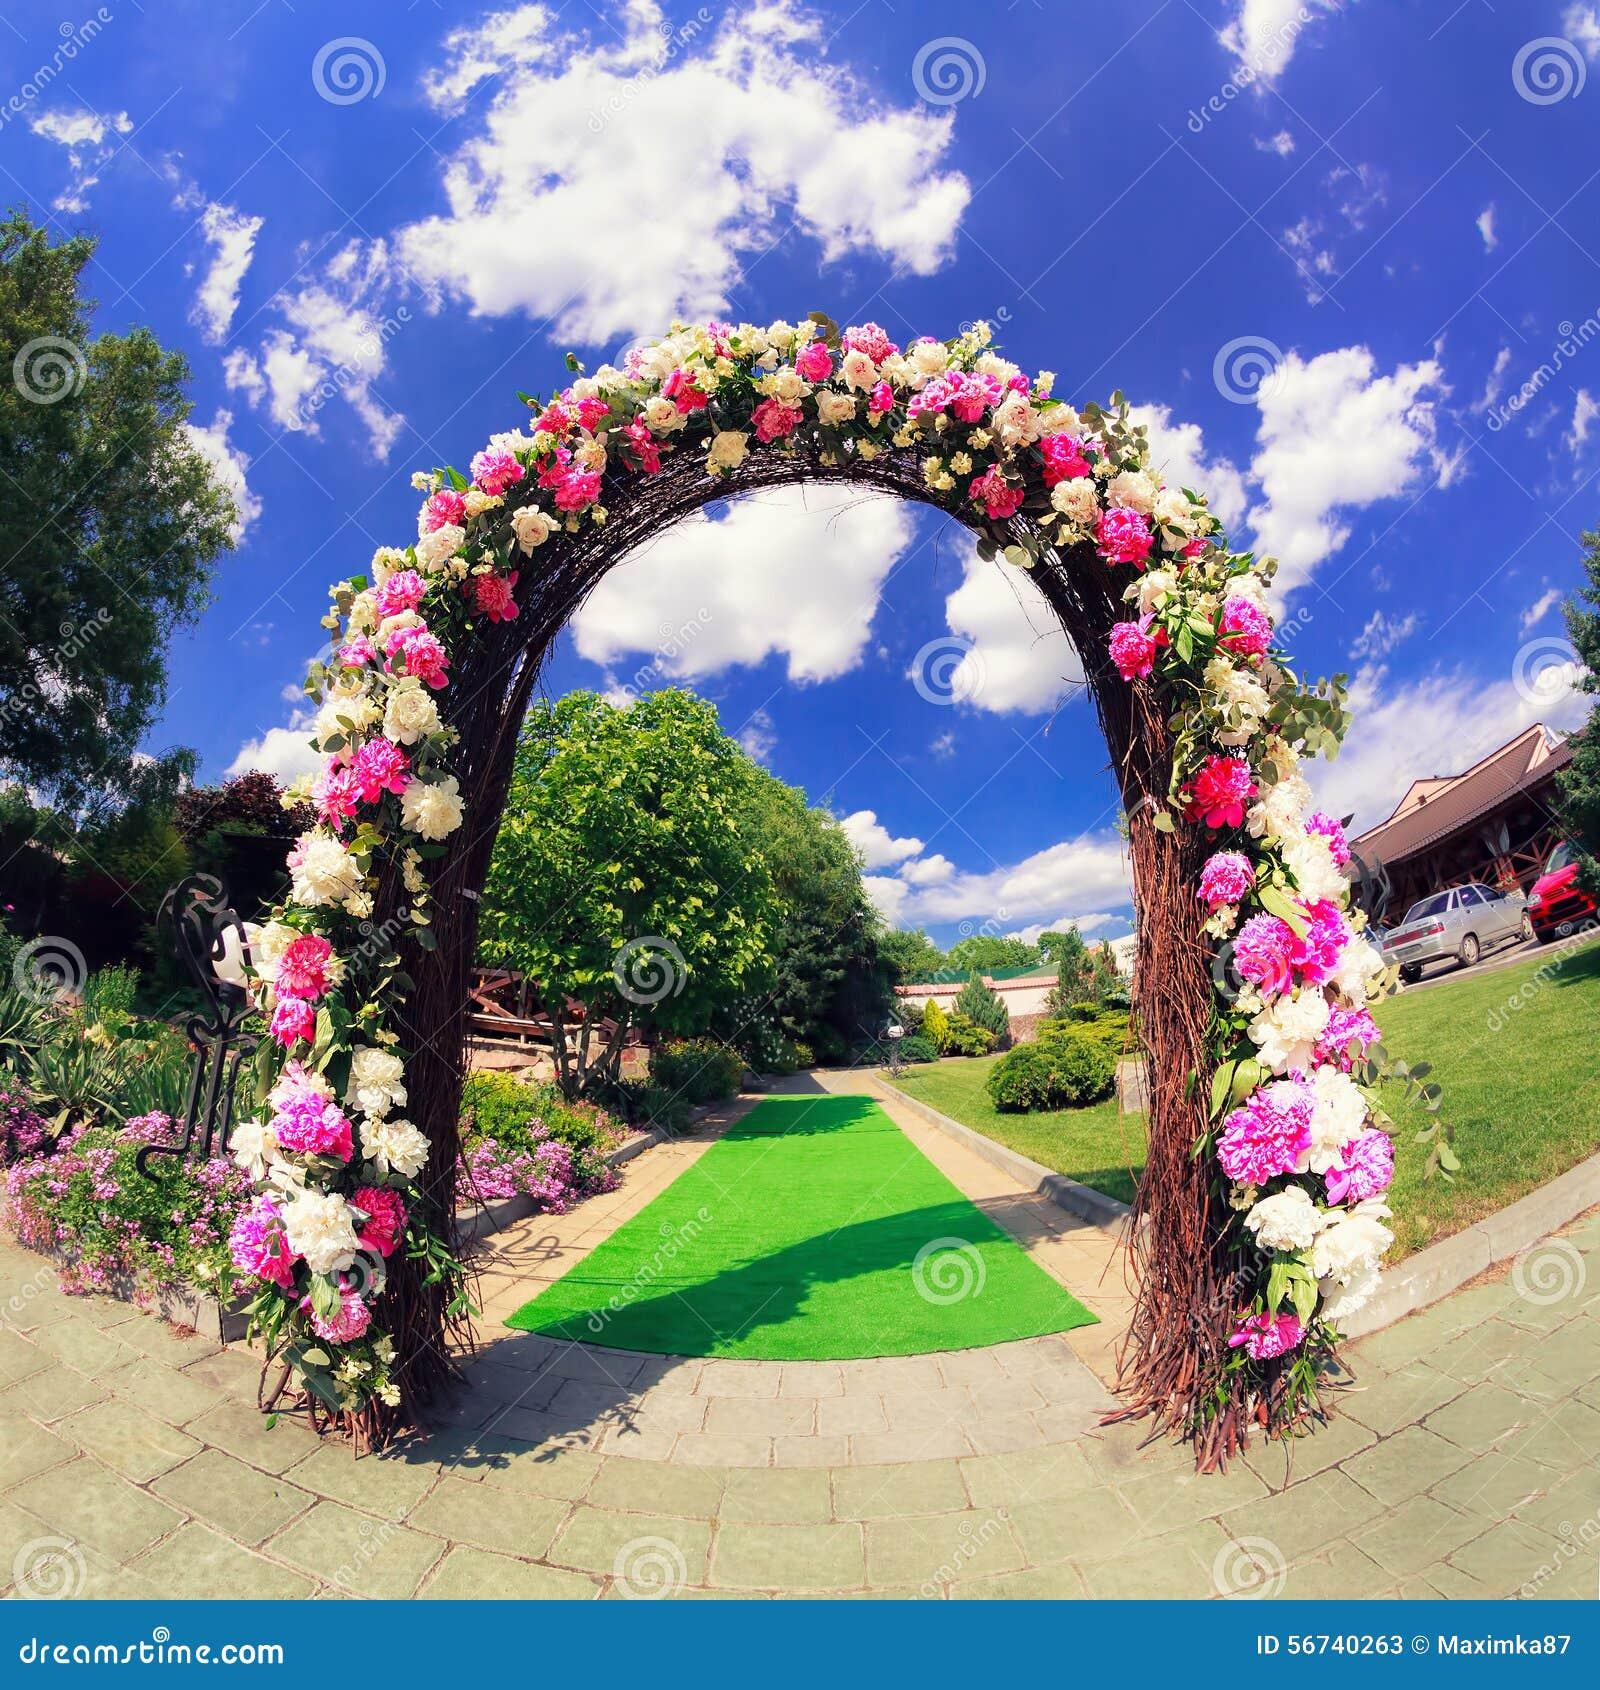 Flower Wedding Gate Stock Photo - Image: 56740263